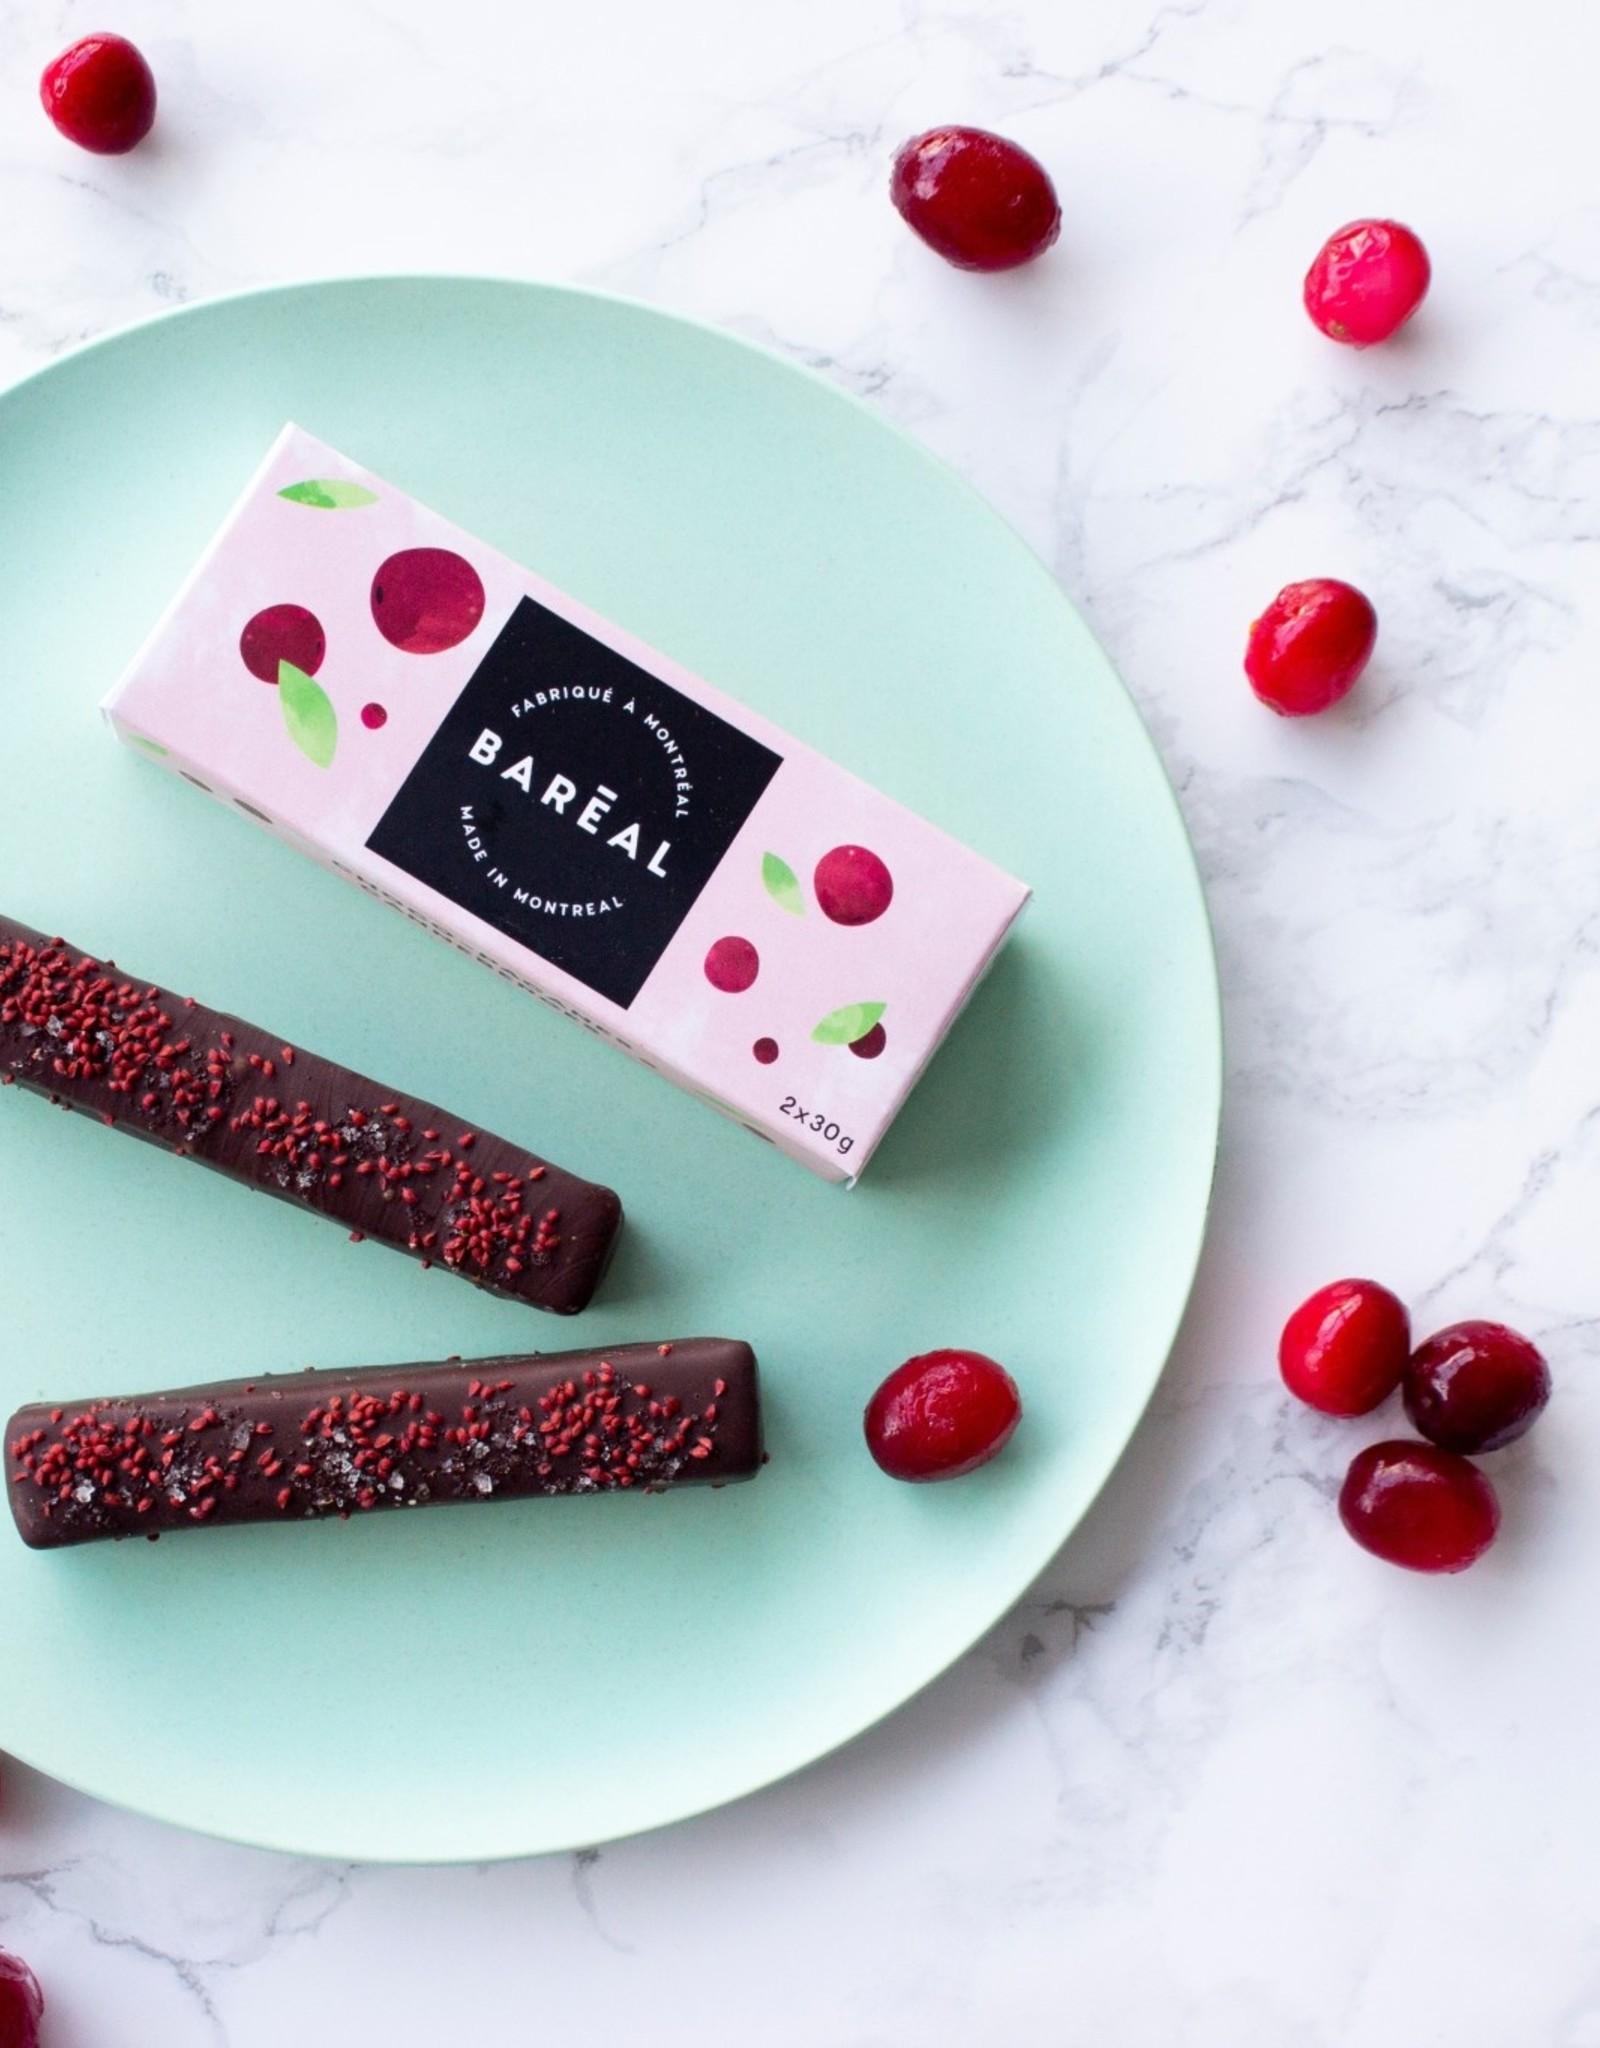 Baréal Chocolat Pacanes Canneberges